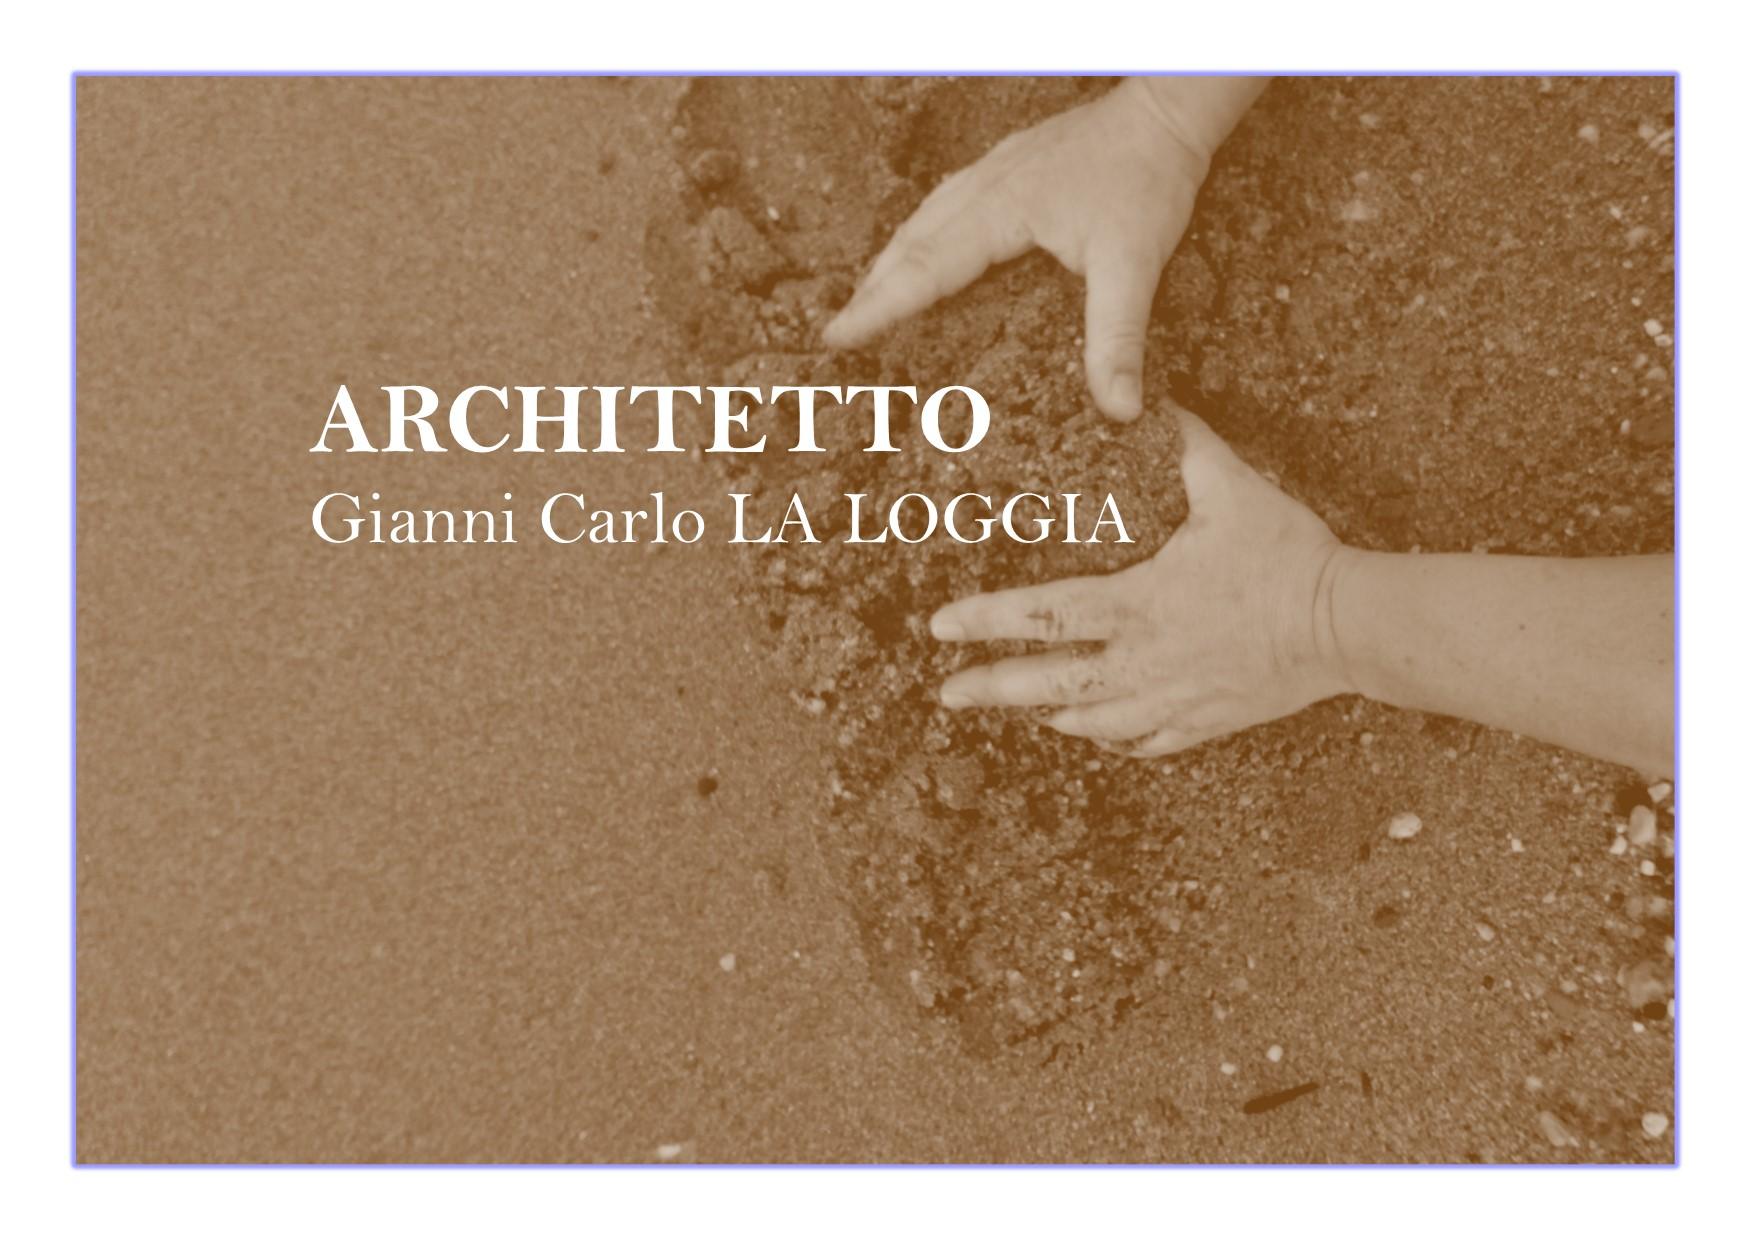 L'architettura nelle mani dell'architetto